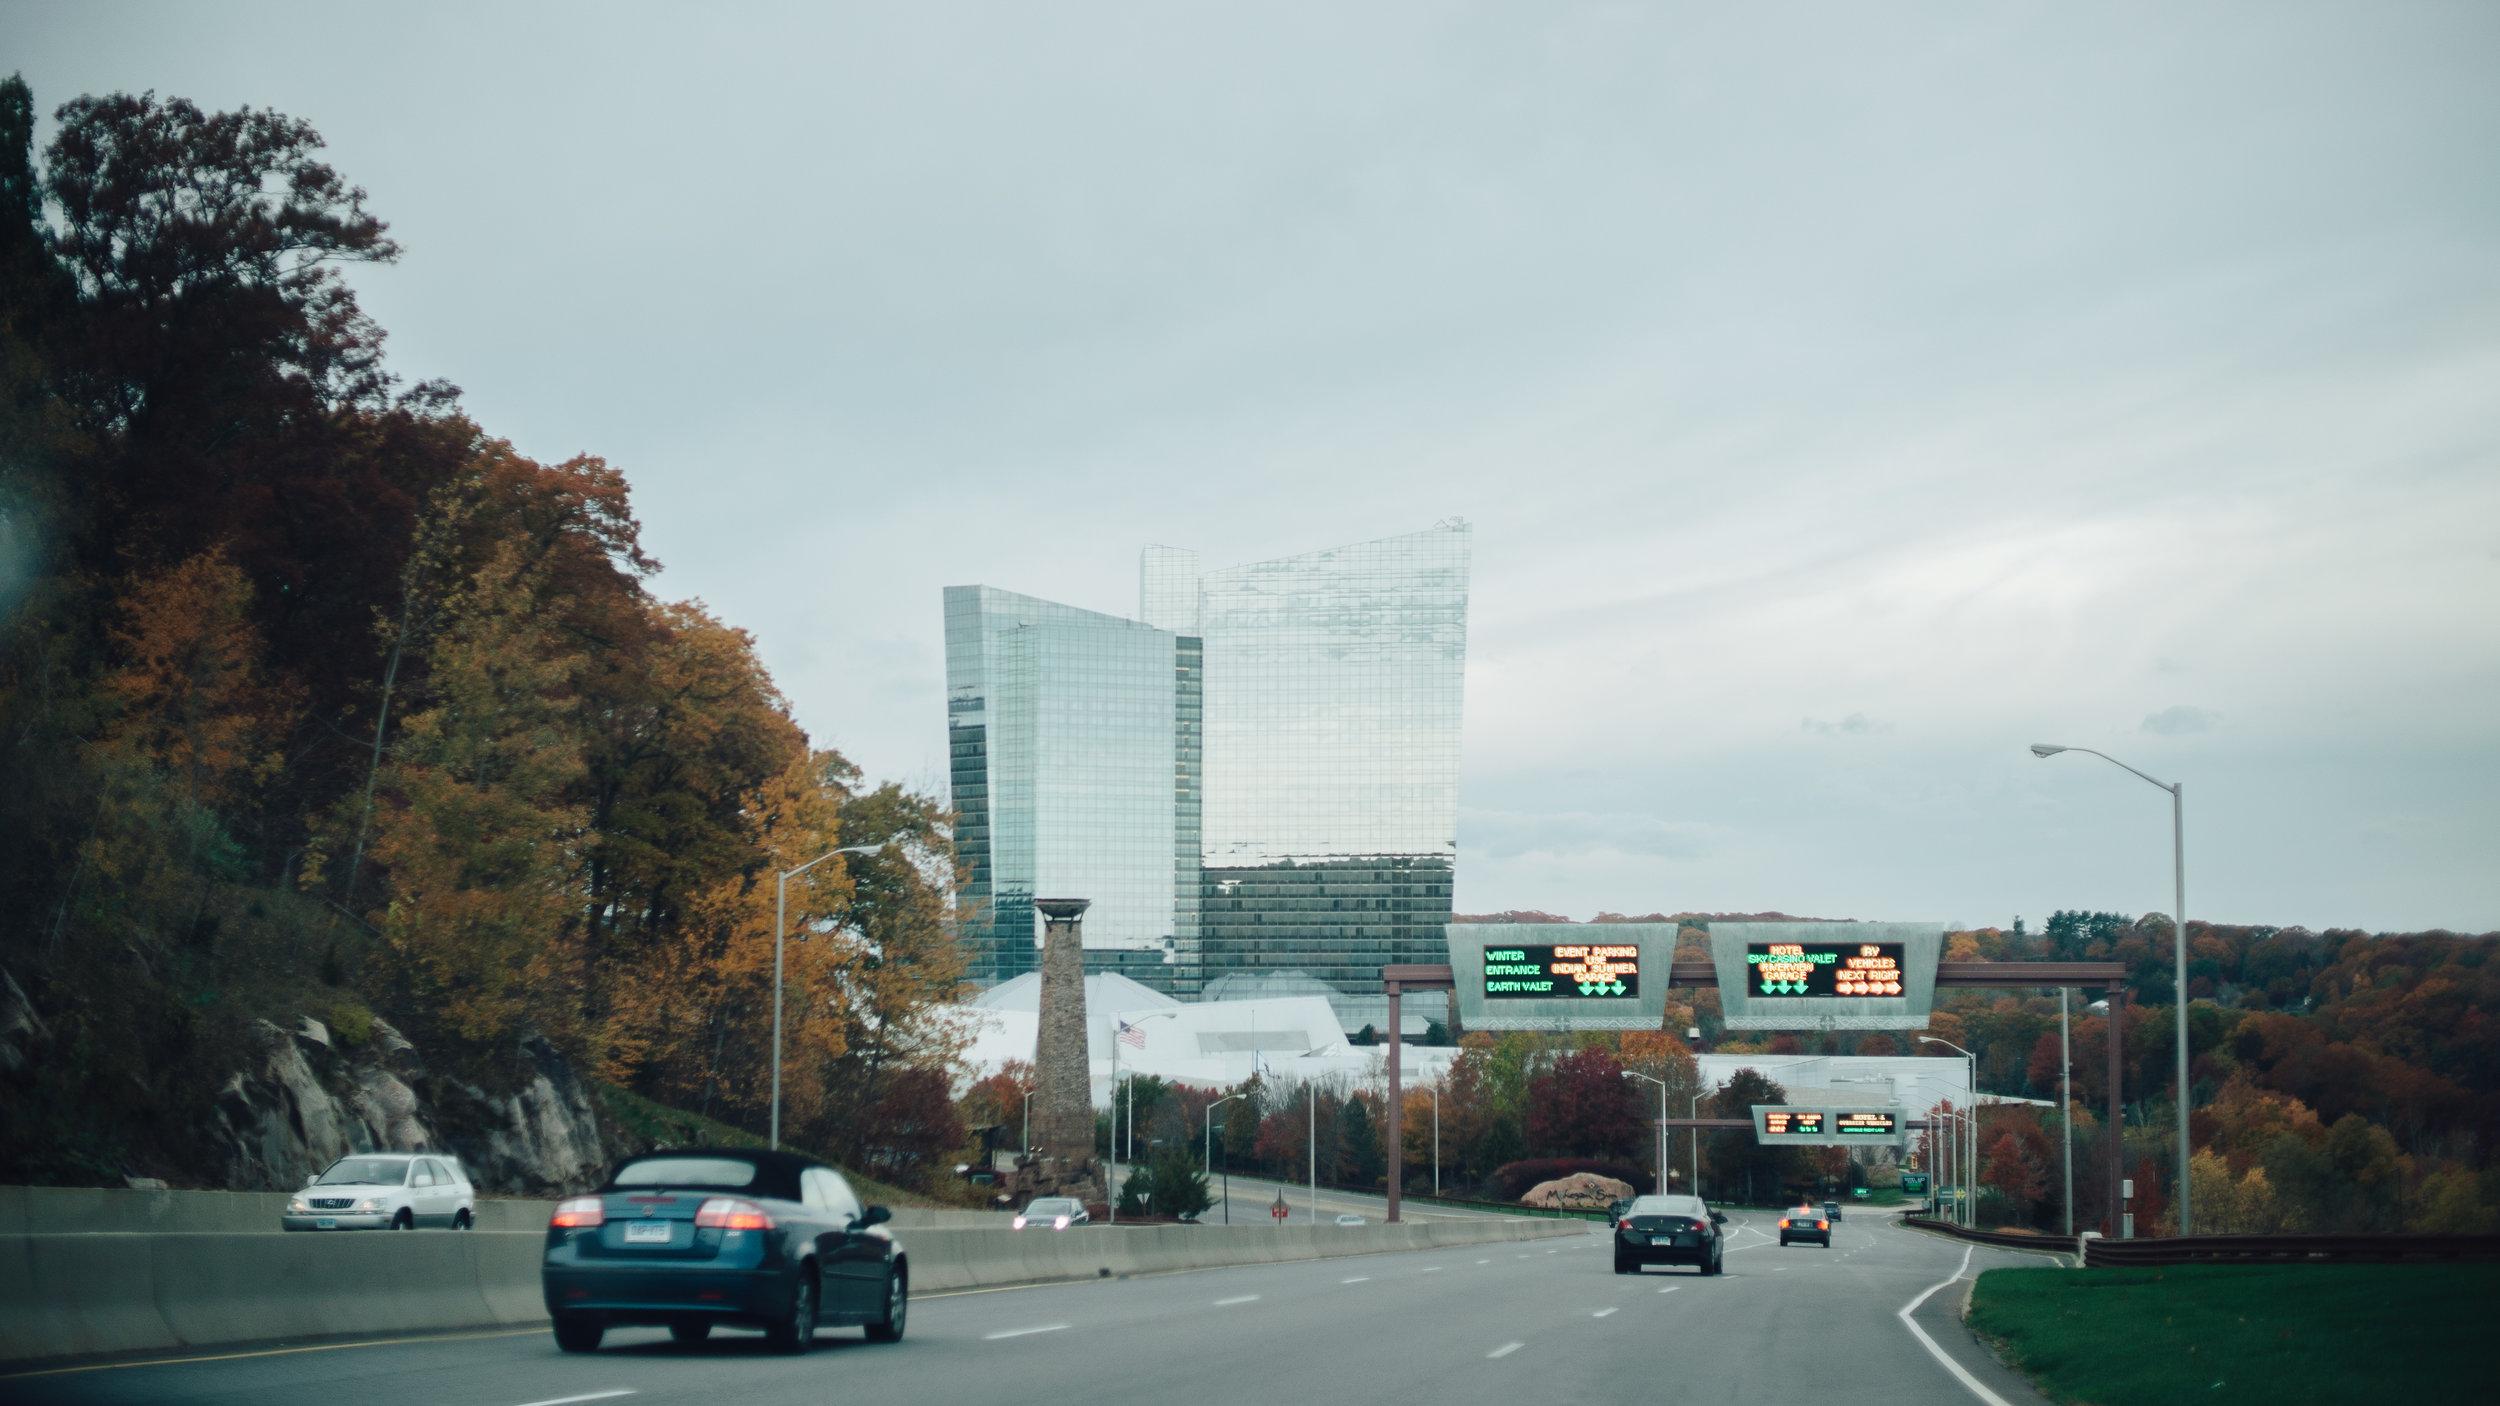 All roads lead to the Mohegan Sun Casino & Hotel